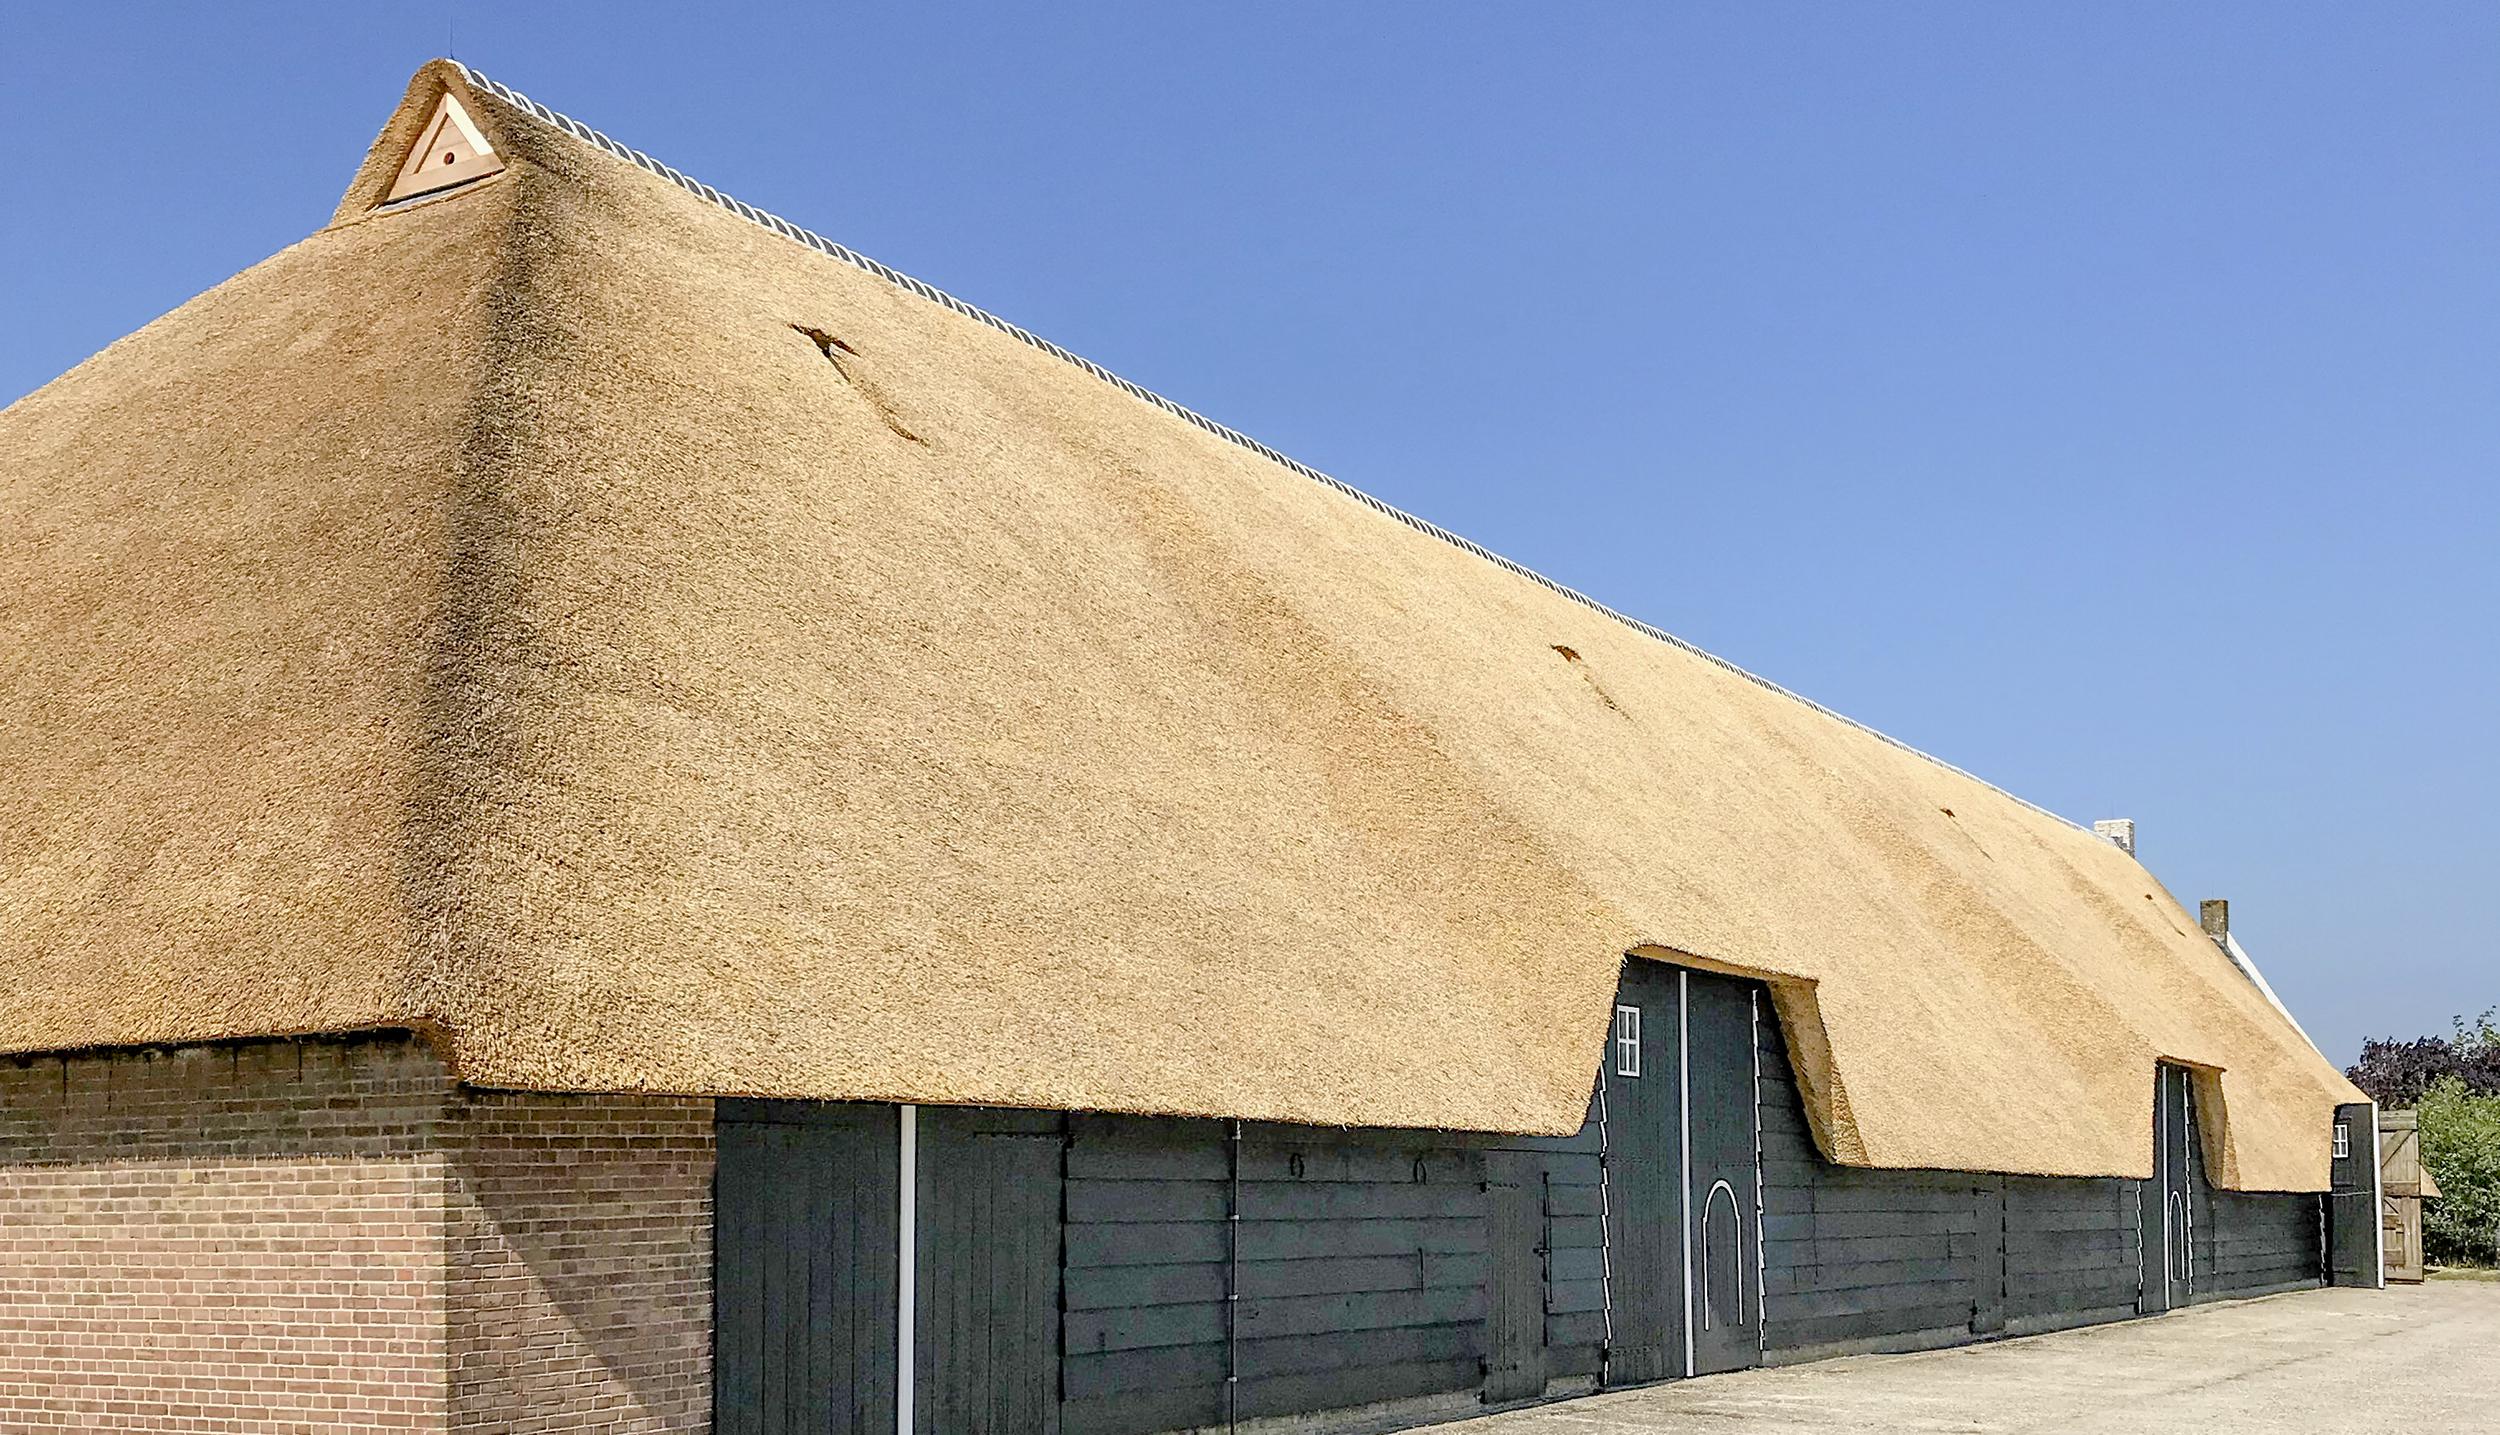 Rietdekkers-VOOGT-Delft-rietendak-Wolphaartsdijk-2500-01.jpg